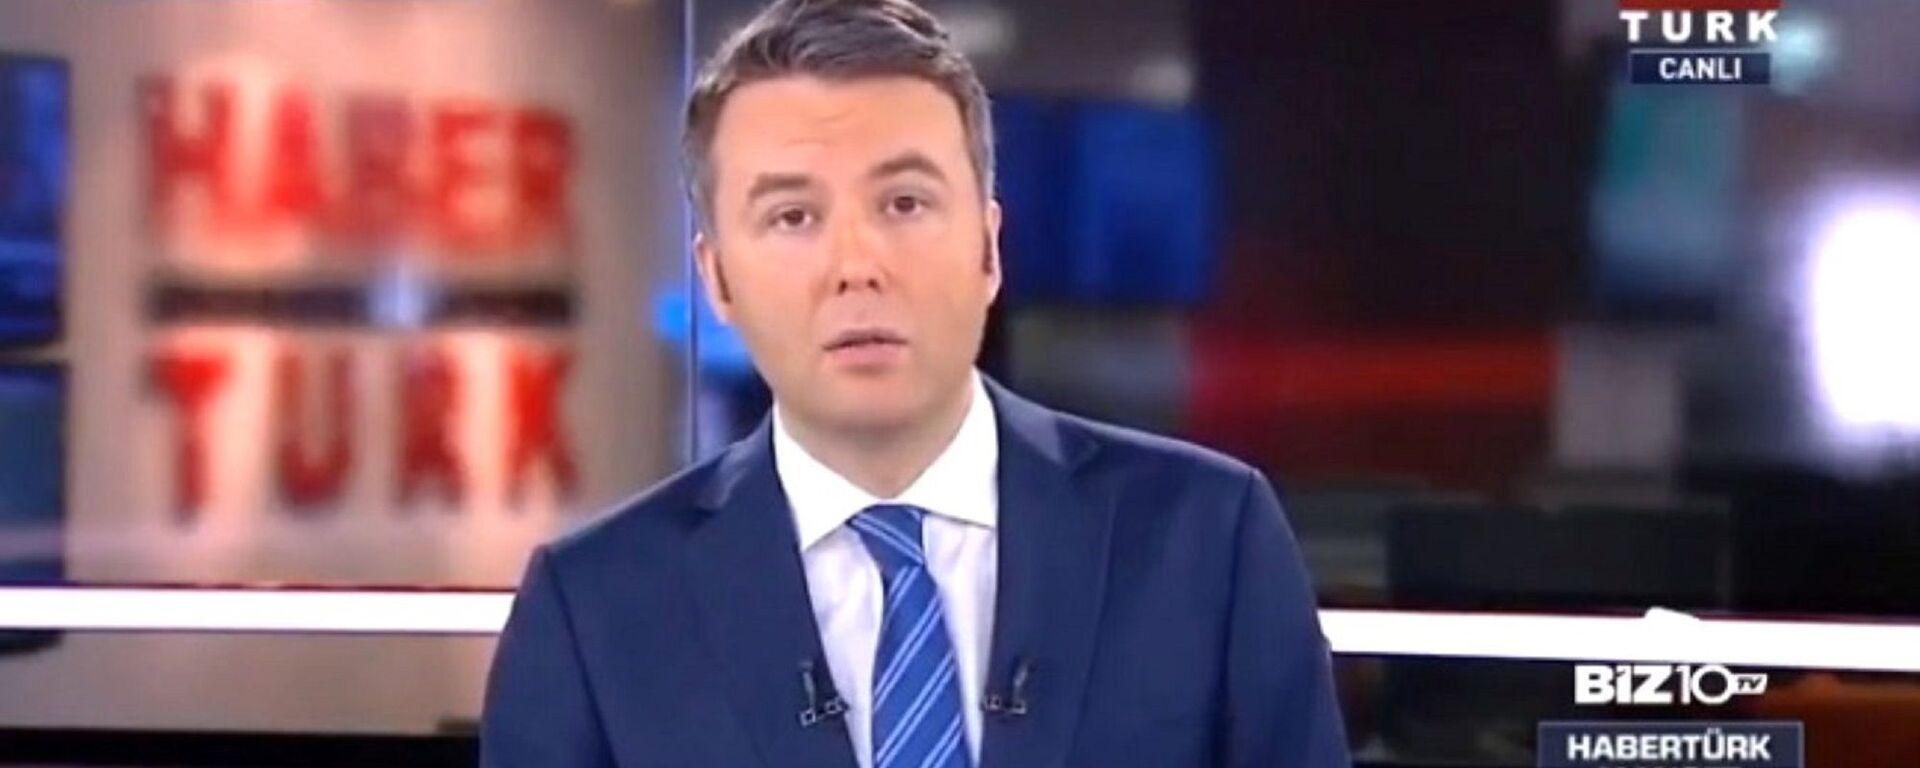 Habertürk televizyonu sunucusu Mehmet Akif Ersoy - Sputnik Türkiye, 1920, 22.07.2021